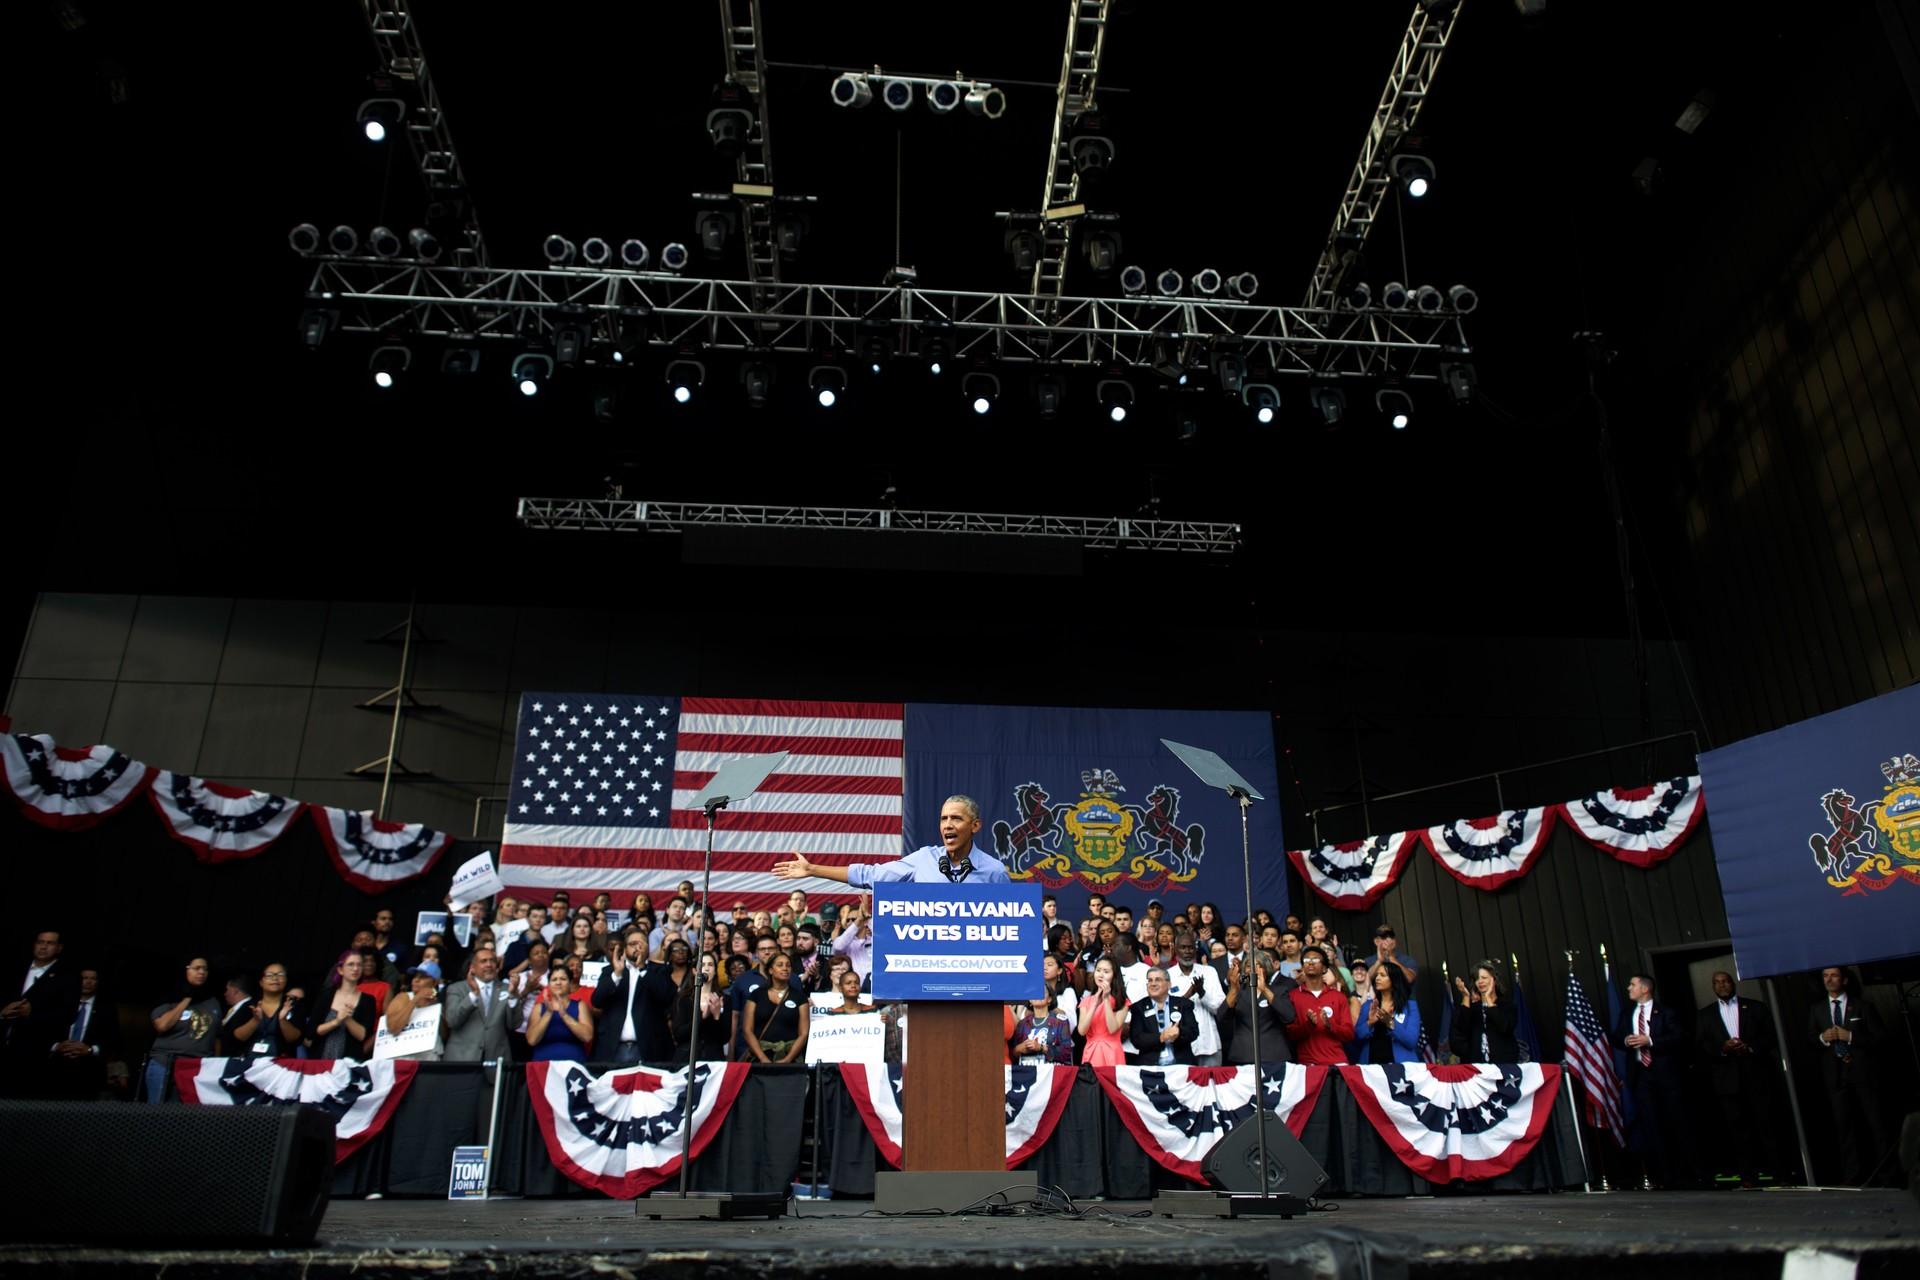 демократия страха смогут ли барак обама и хиллари клинтон